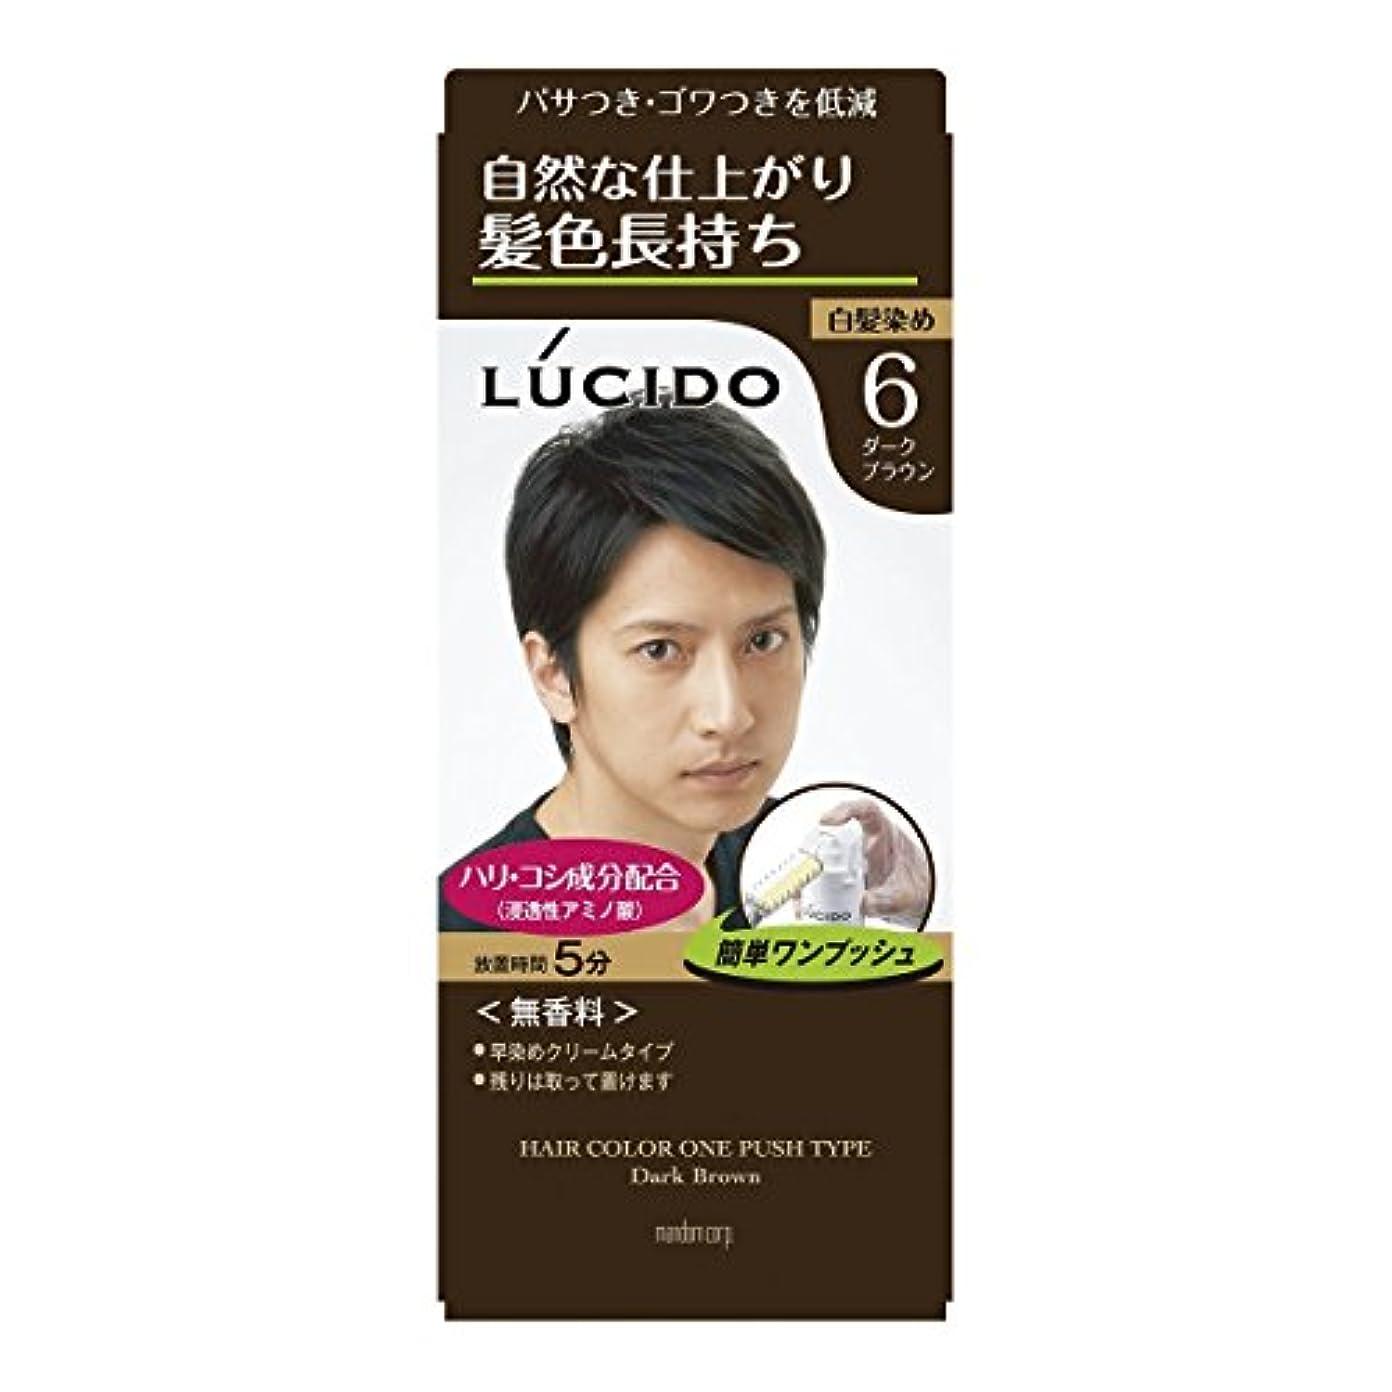 【マンダム】ルシード ワンプッシュケアカラー 6 ダークブラウン 1剤50g?2剤50g ×5個セット